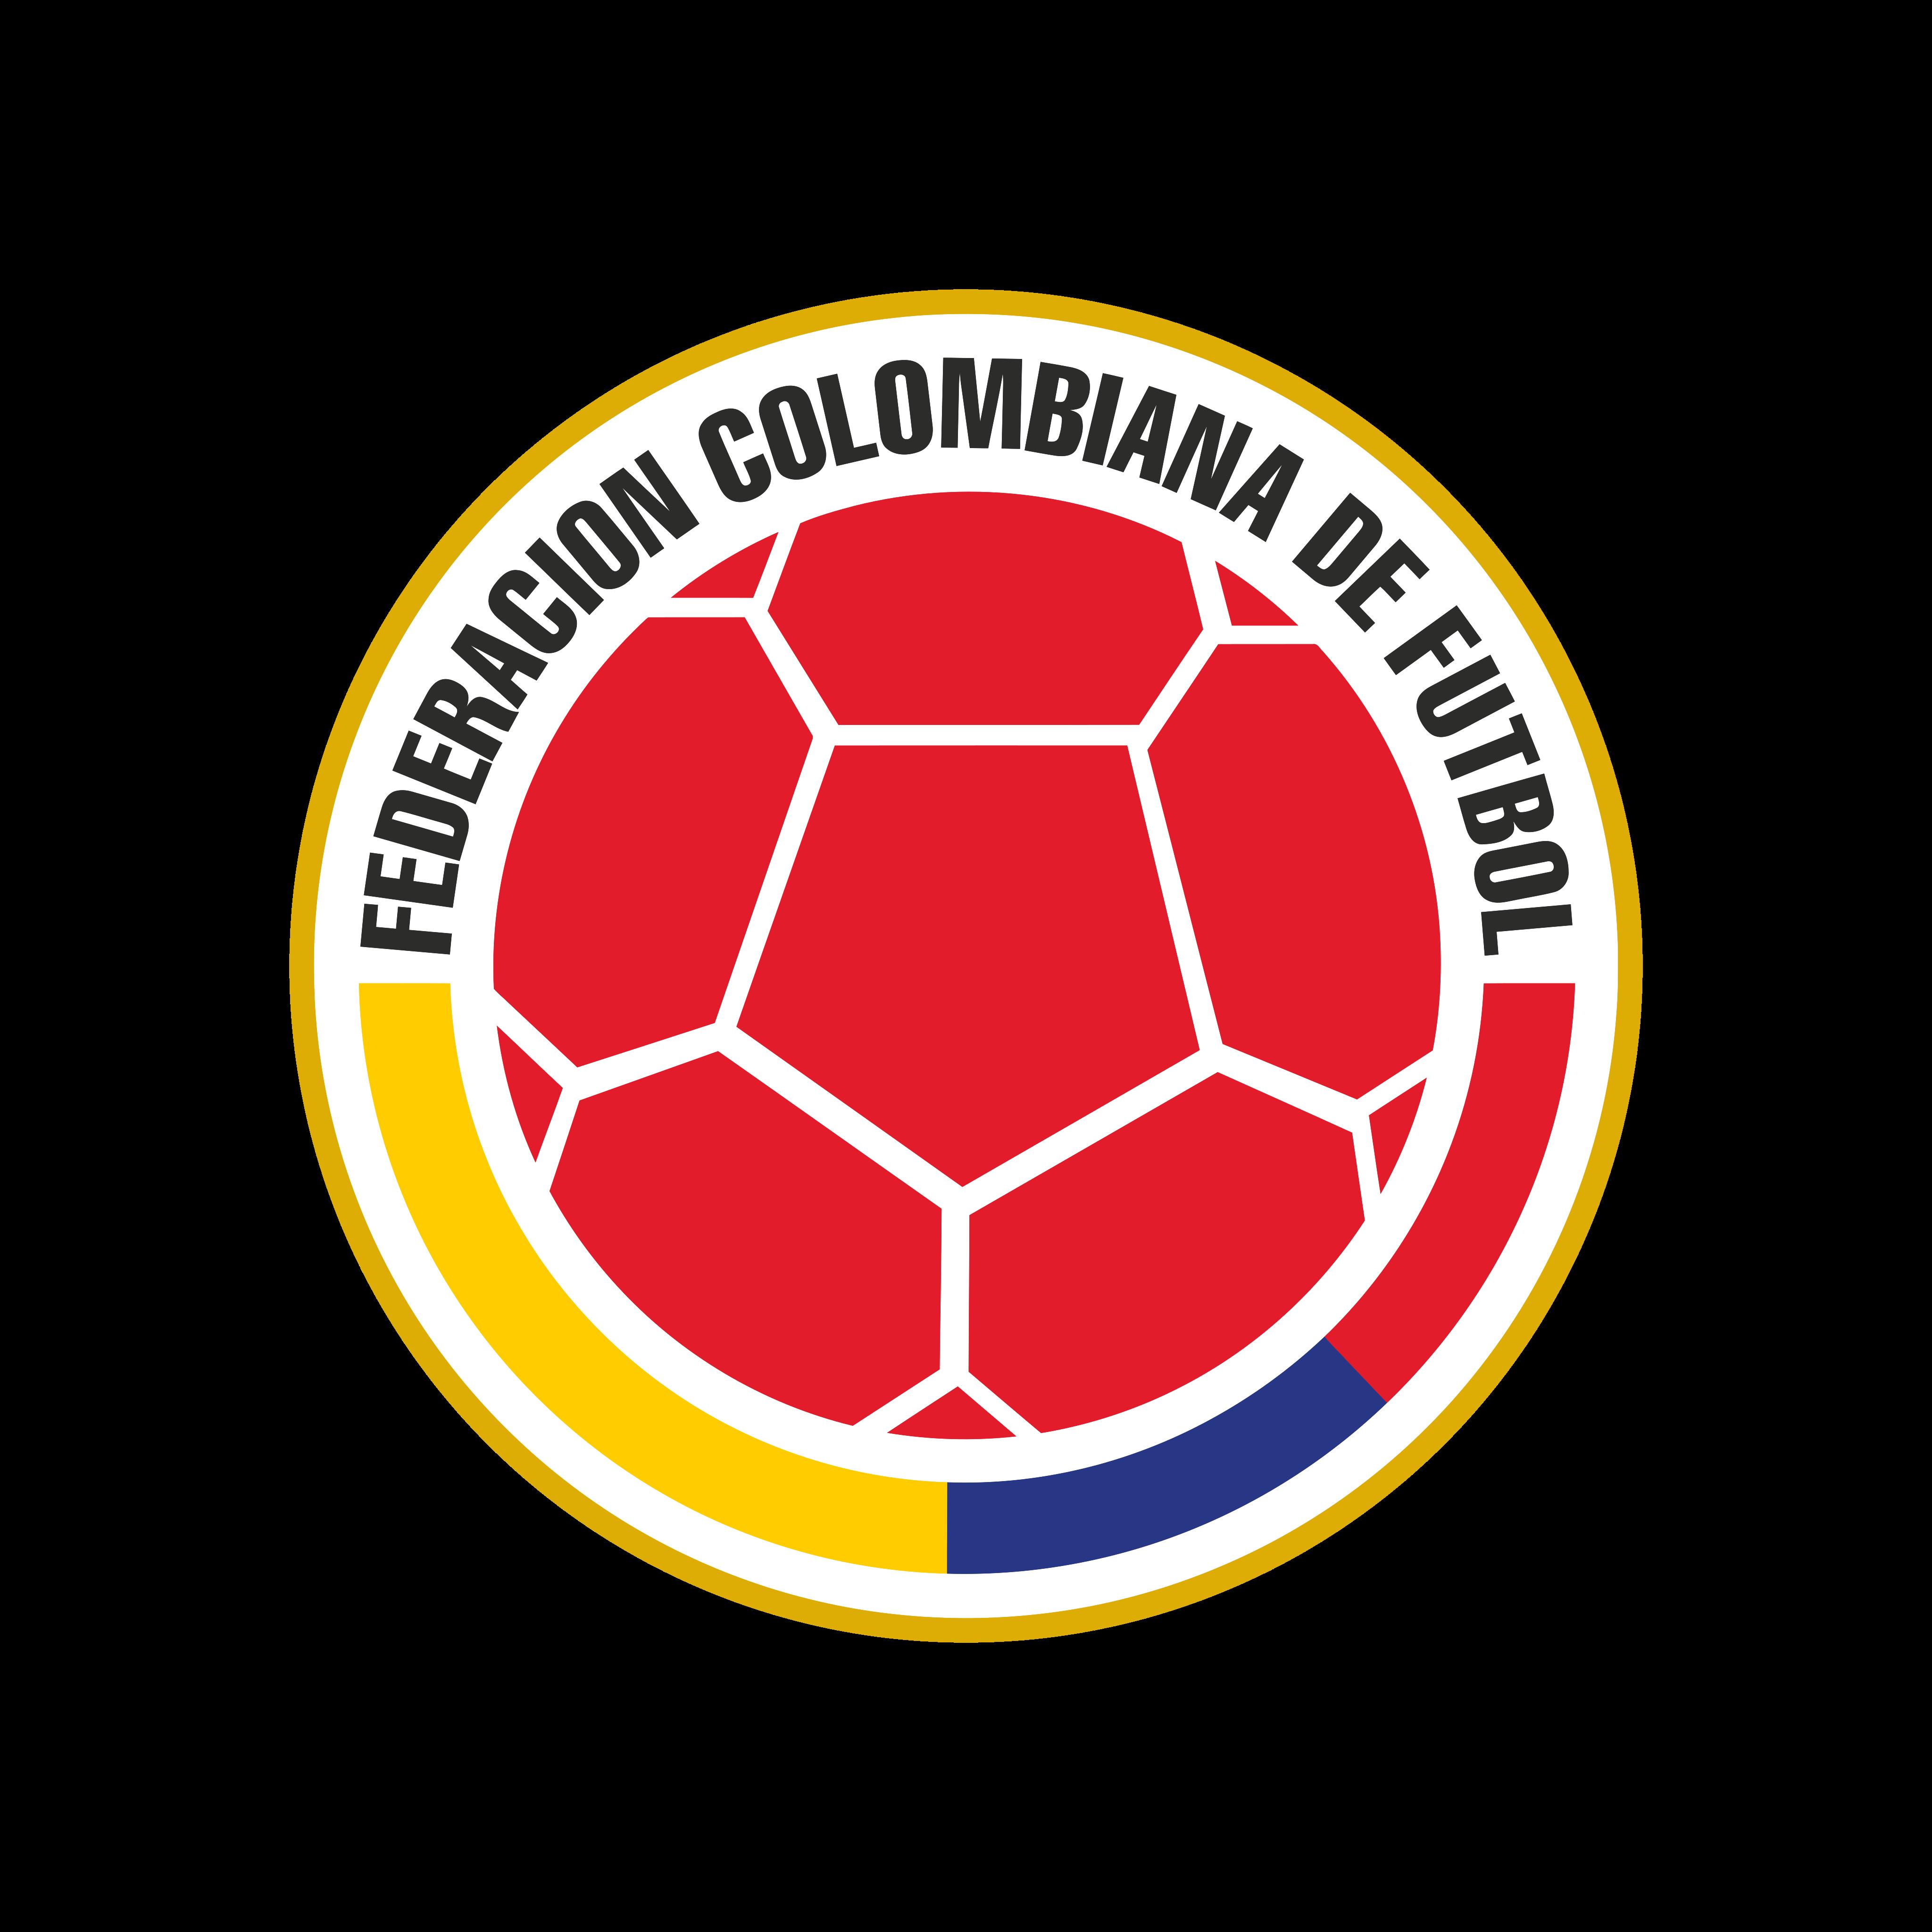 fcf seleccion de fútbol de colombia logo 0 - FCF Logo - Colombia National Football Team Logo